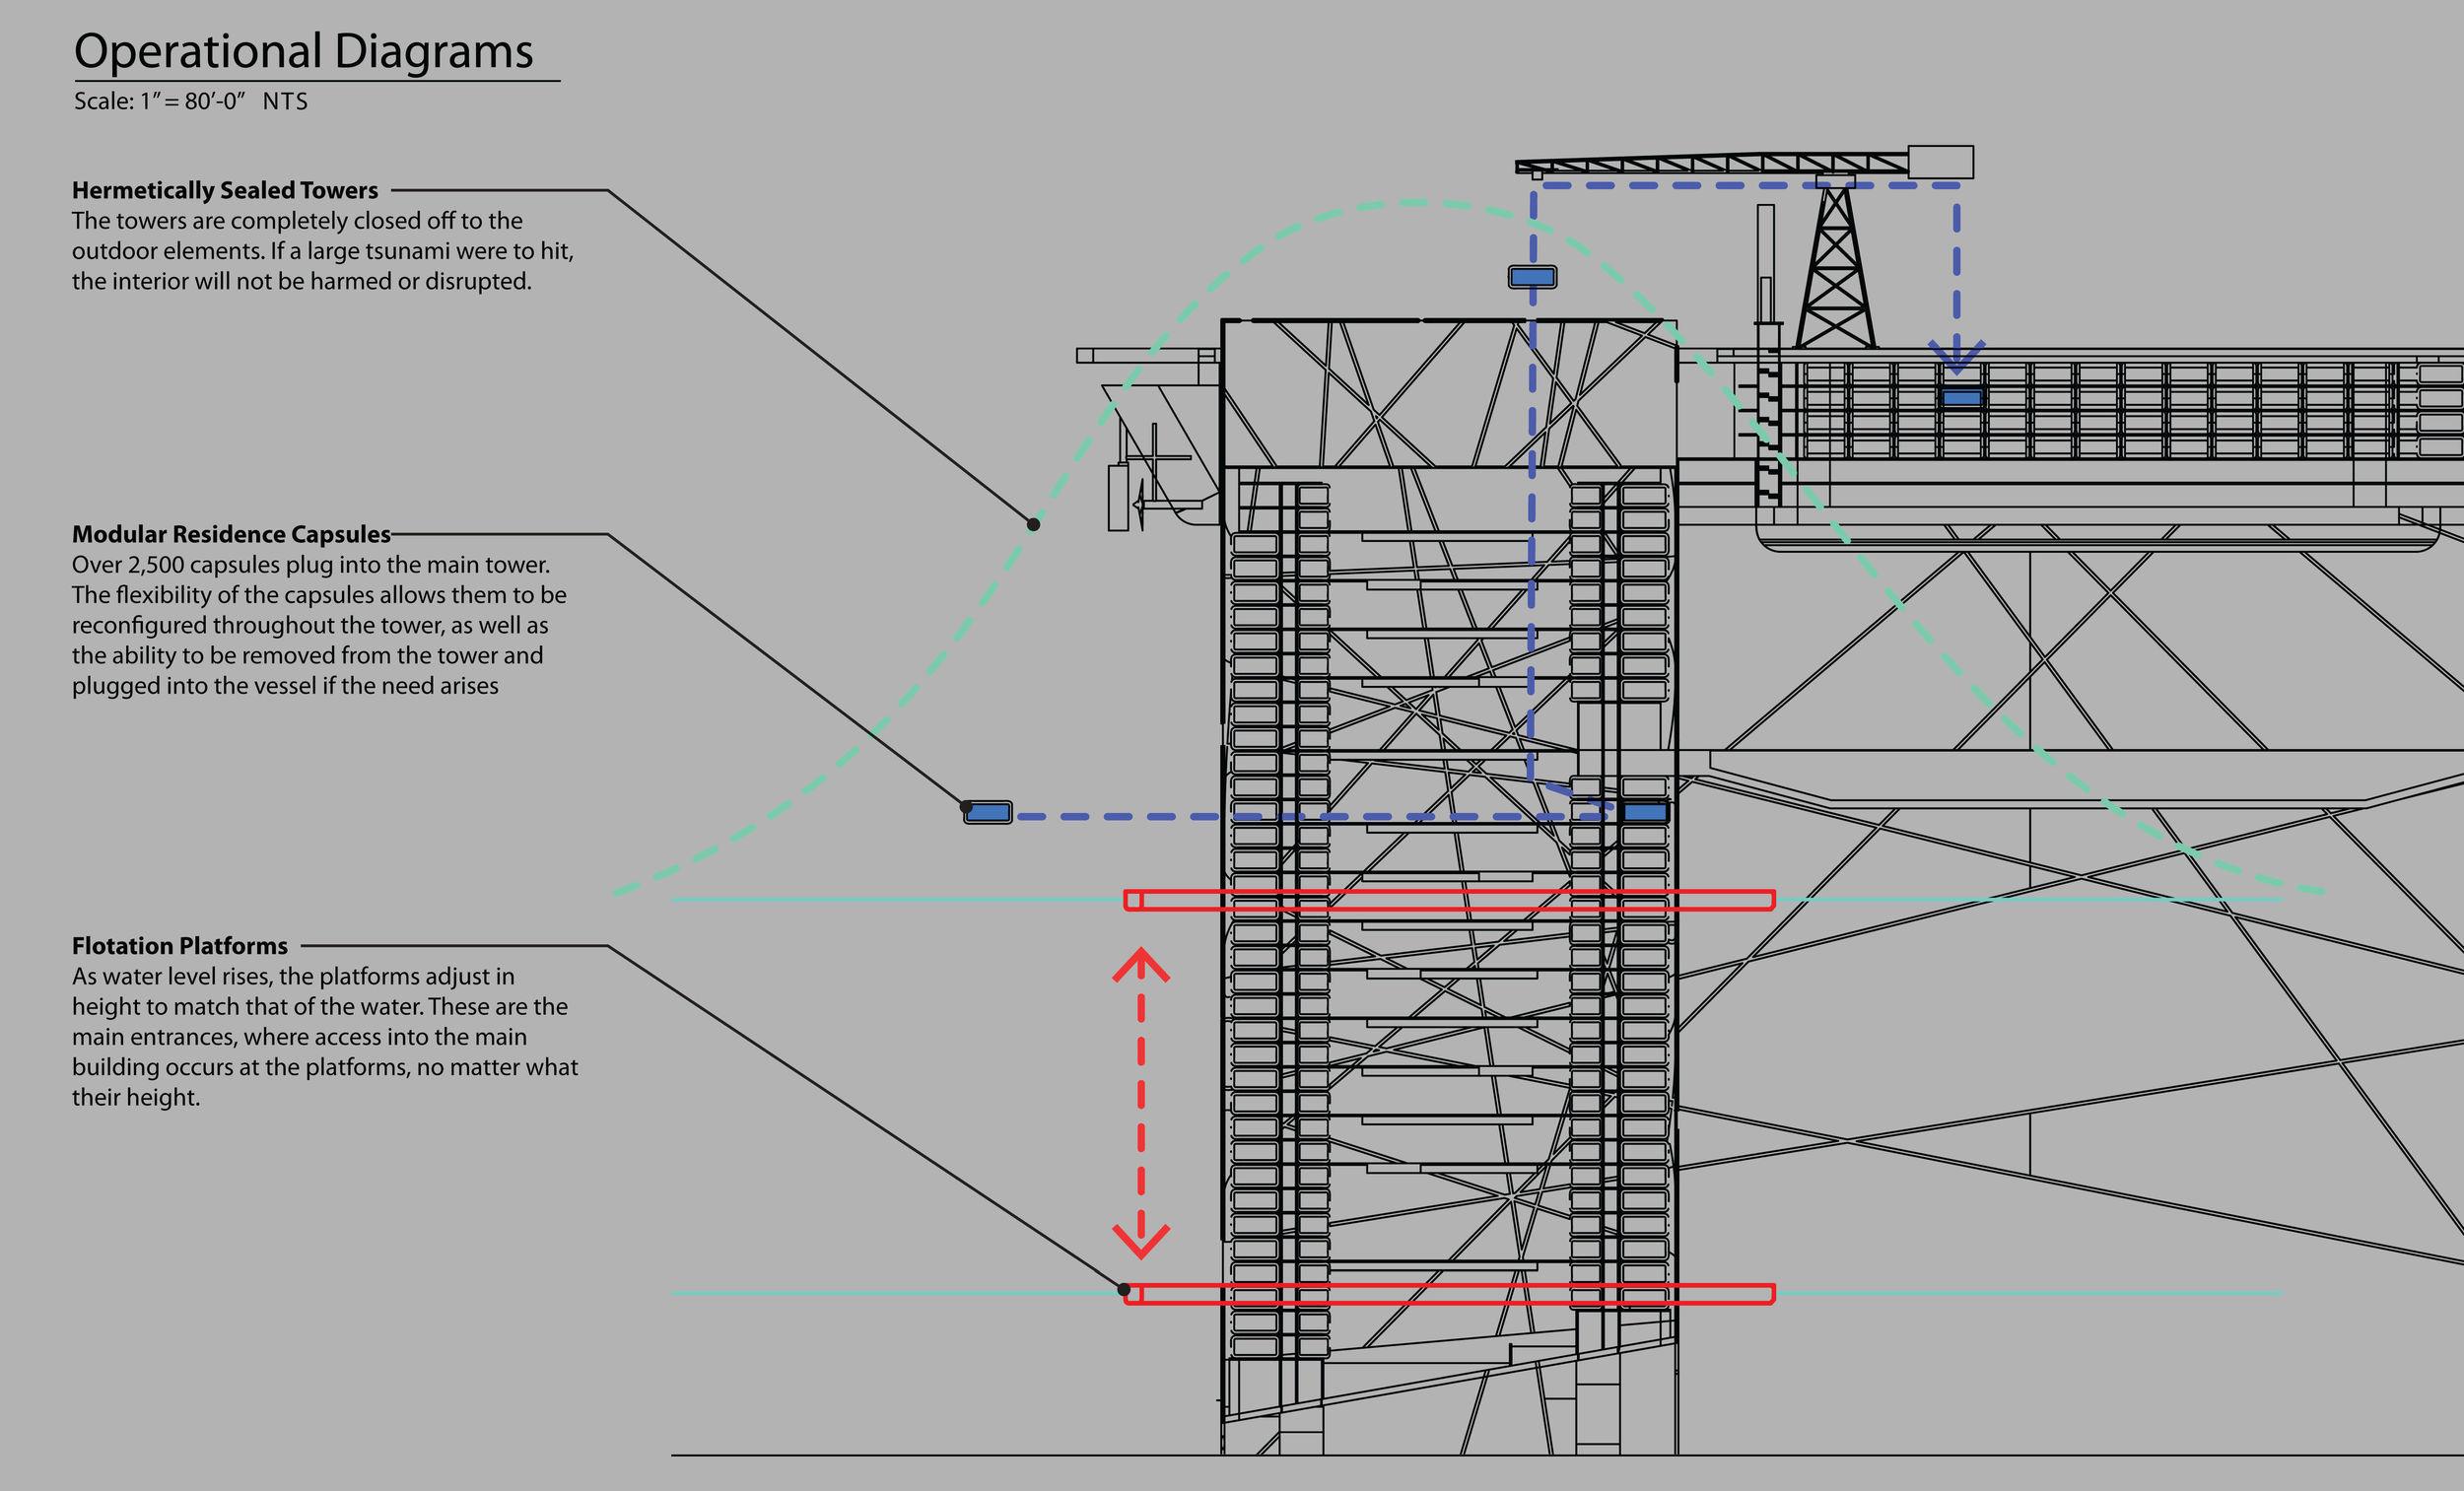 06.Operational_Diagrams.jpg